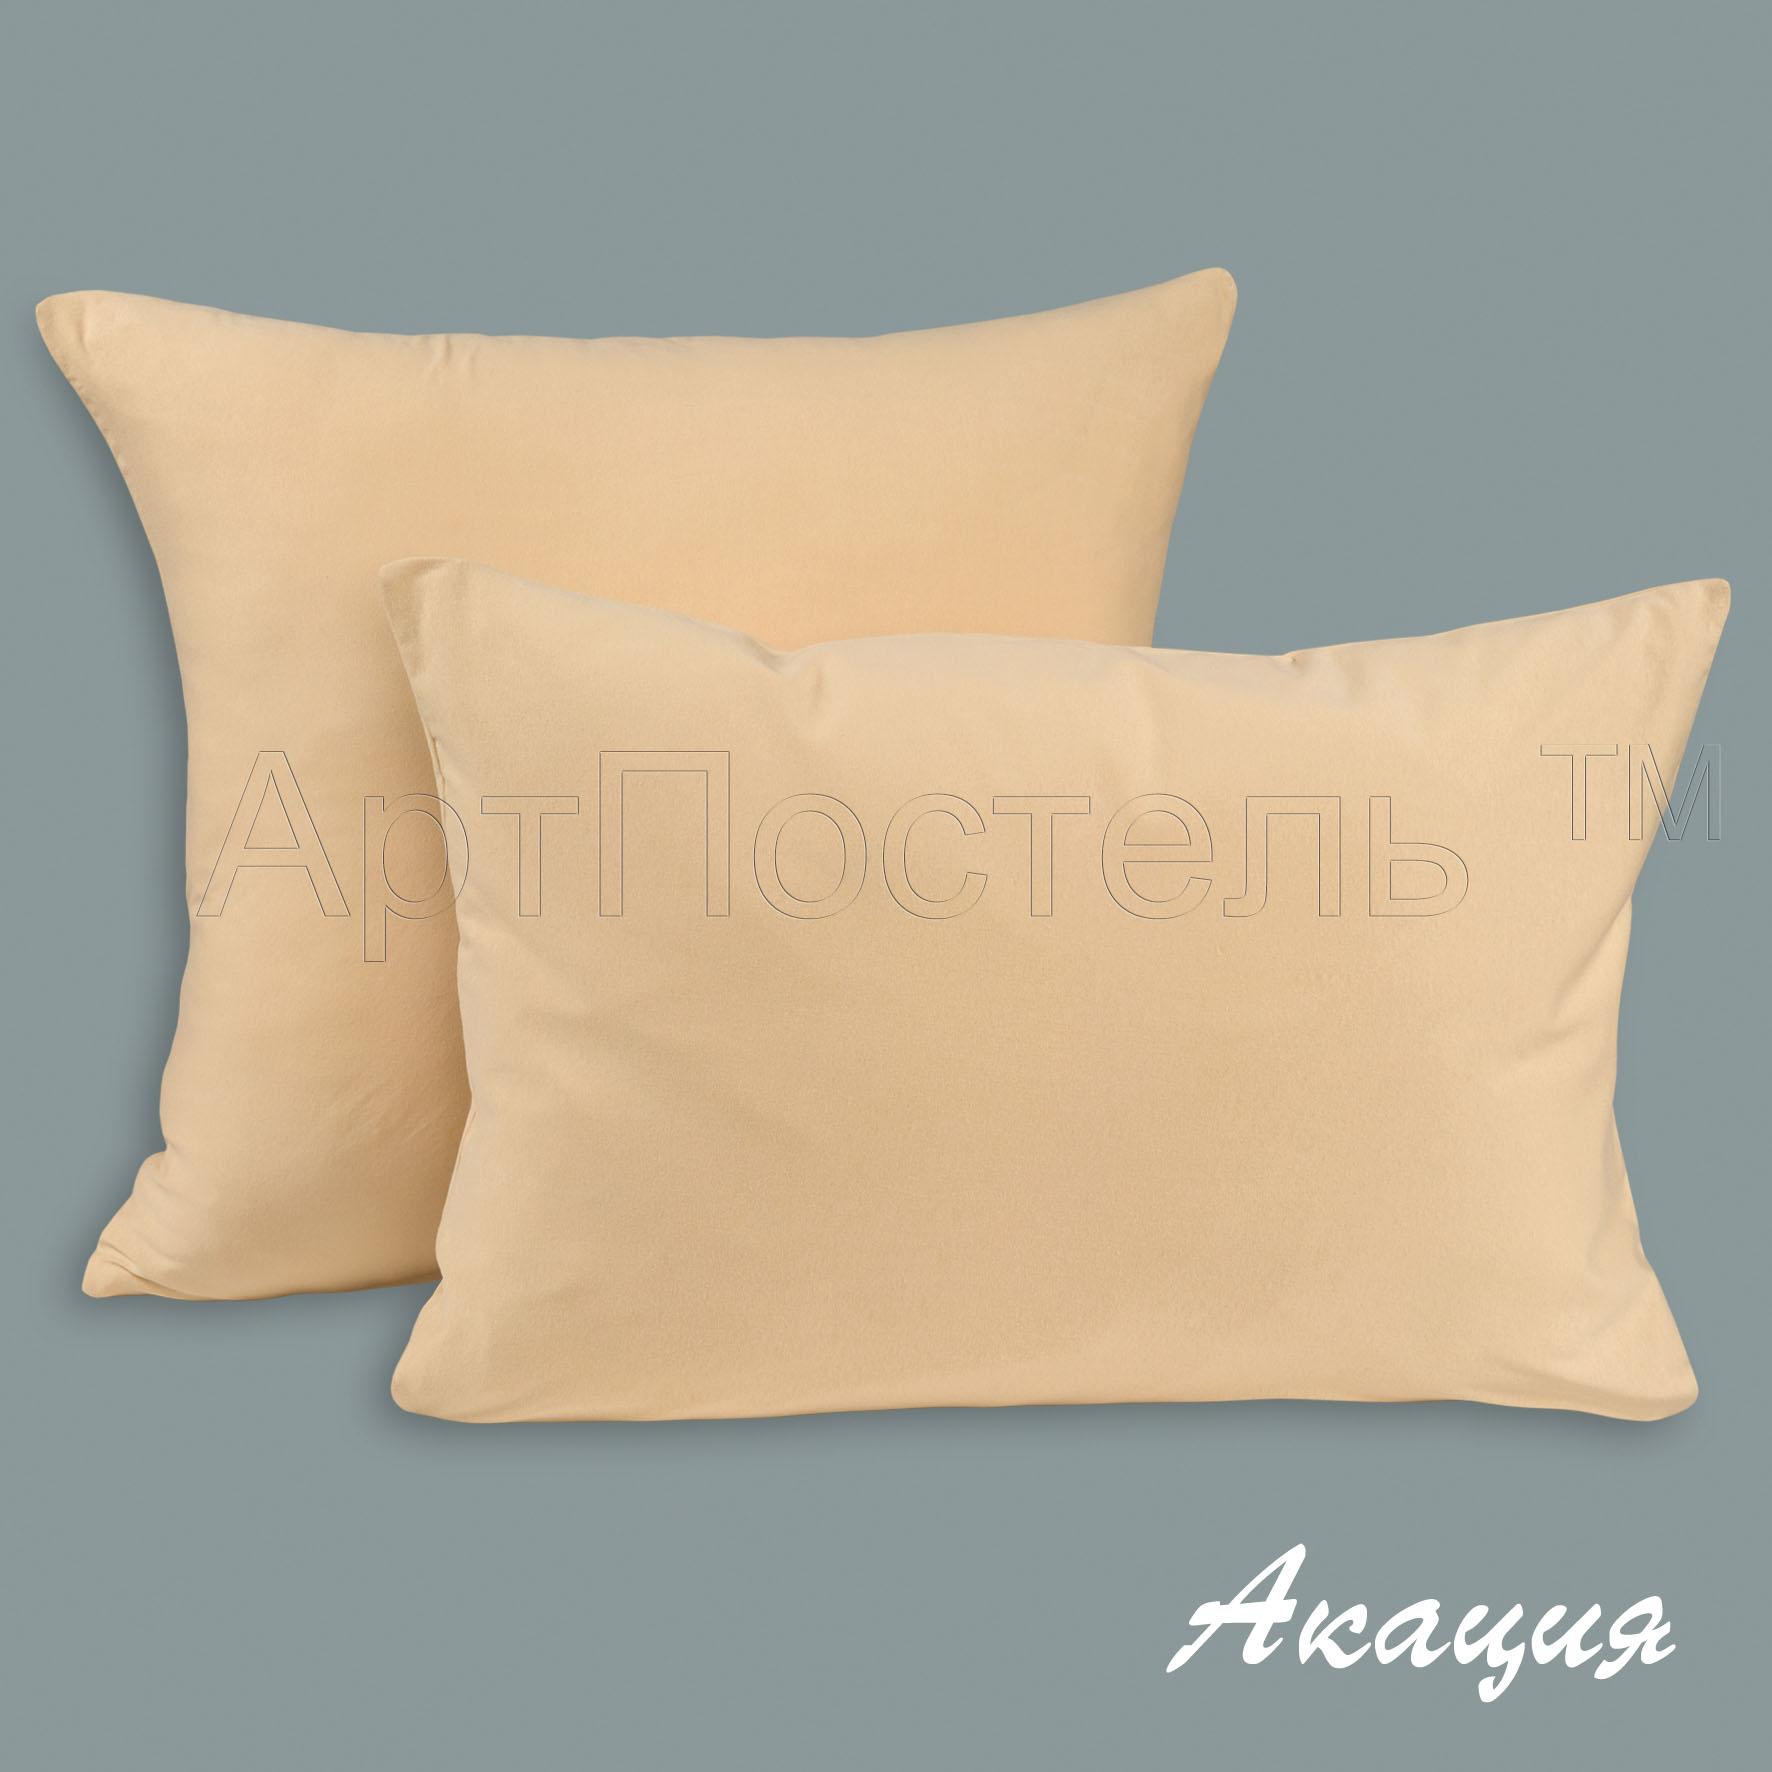 Наволочки Акация, размер 50х70 смНаволочки<br>Плотность ткани: 140 г/кв. м <br>Количество: 2 шт.<br><br>Тип: Наволочки<br>Размер: 50х70<br>Материал: Кулирка